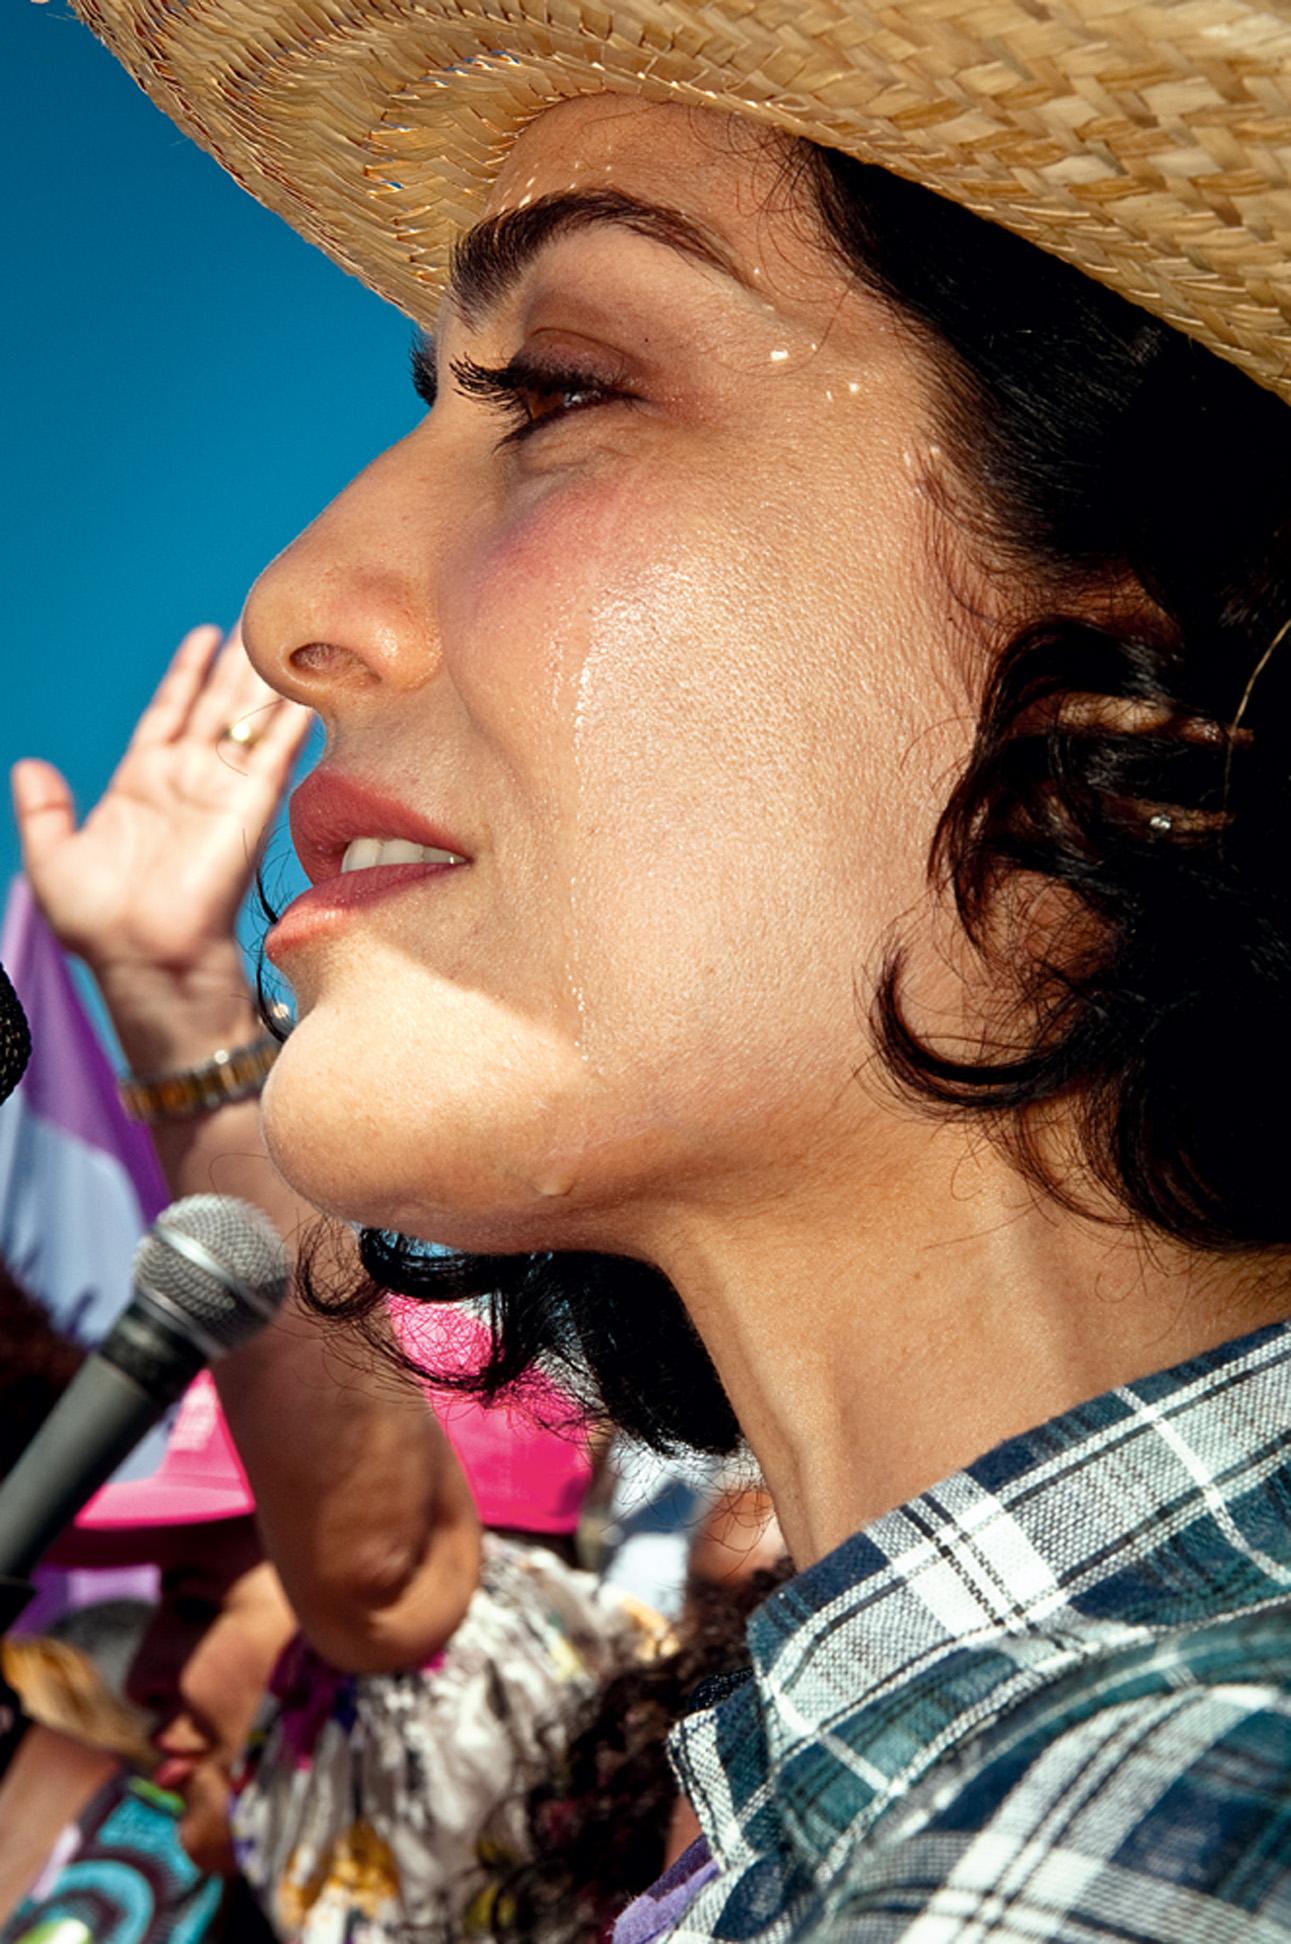 Letícia se emociona durante a Marcha das Margaridas de 2011, em Brasília: 'A condição para viver em sociedade é participar da construção dela'